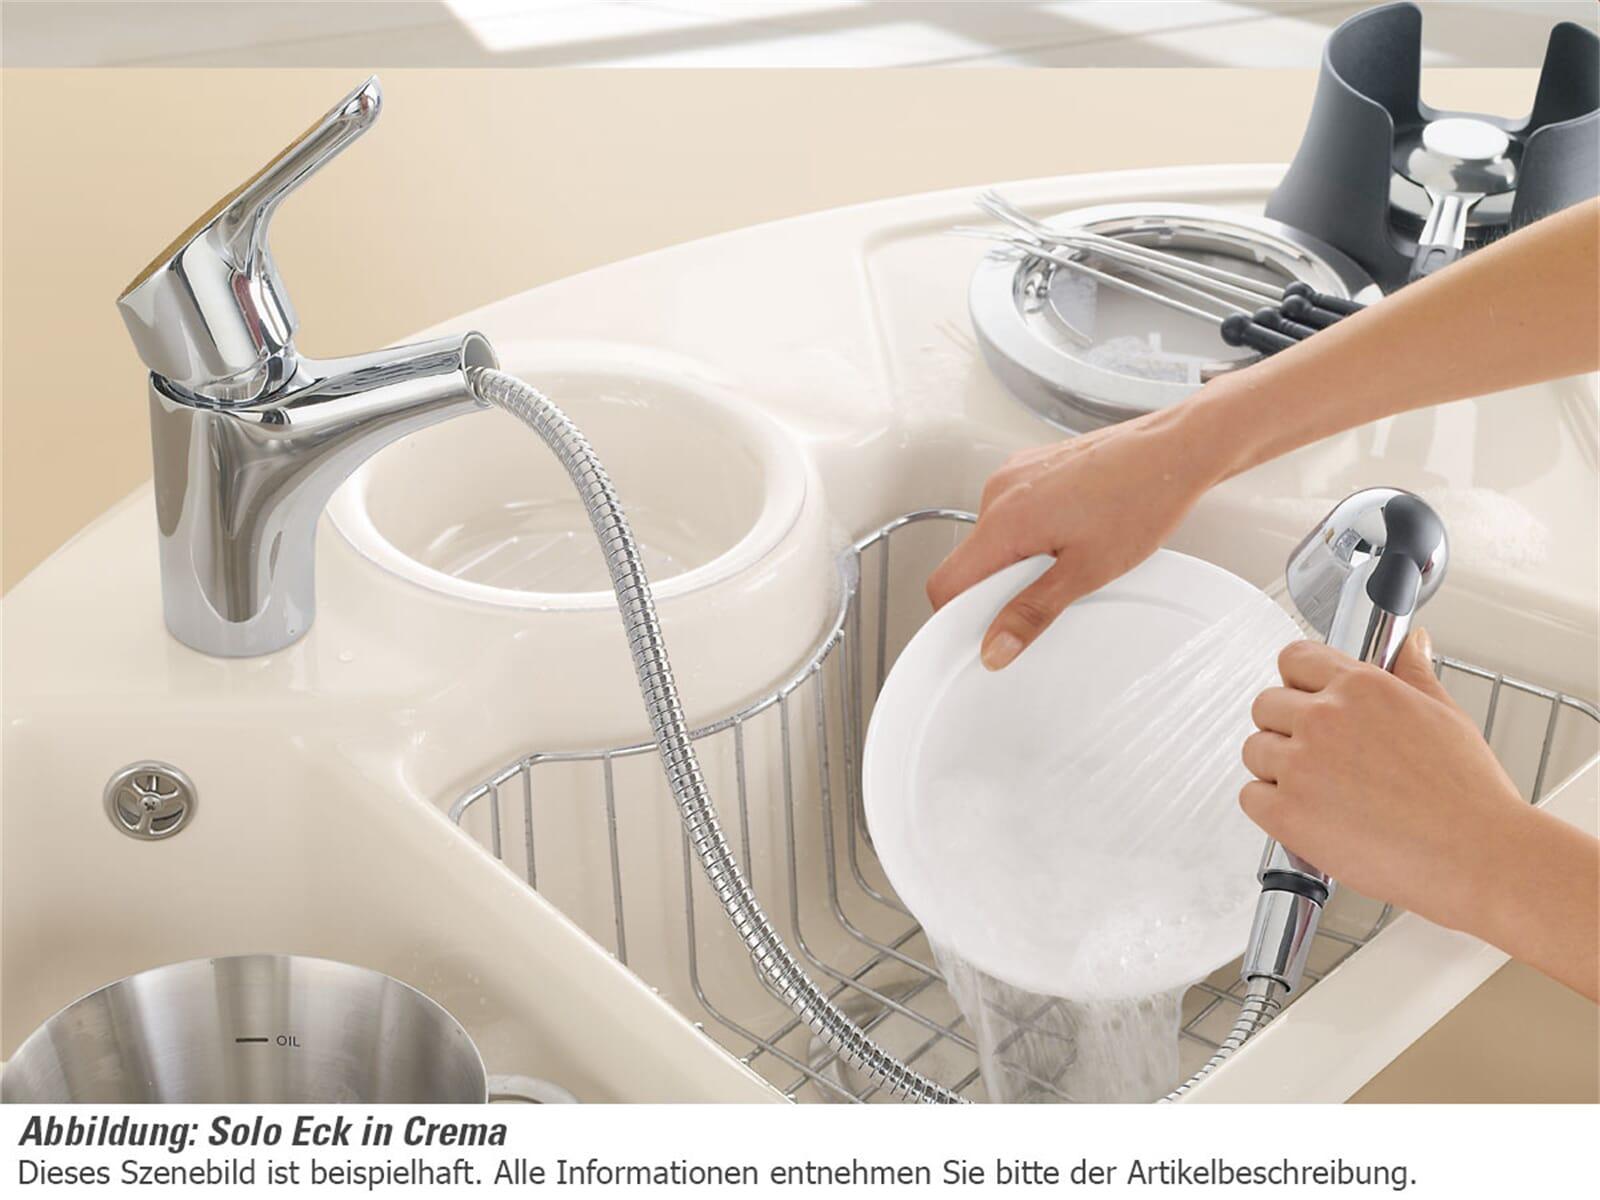 Villeroy & Boch Solo Eck Graphit - 6708 01 i4 Keramikspüle Handbetätigung